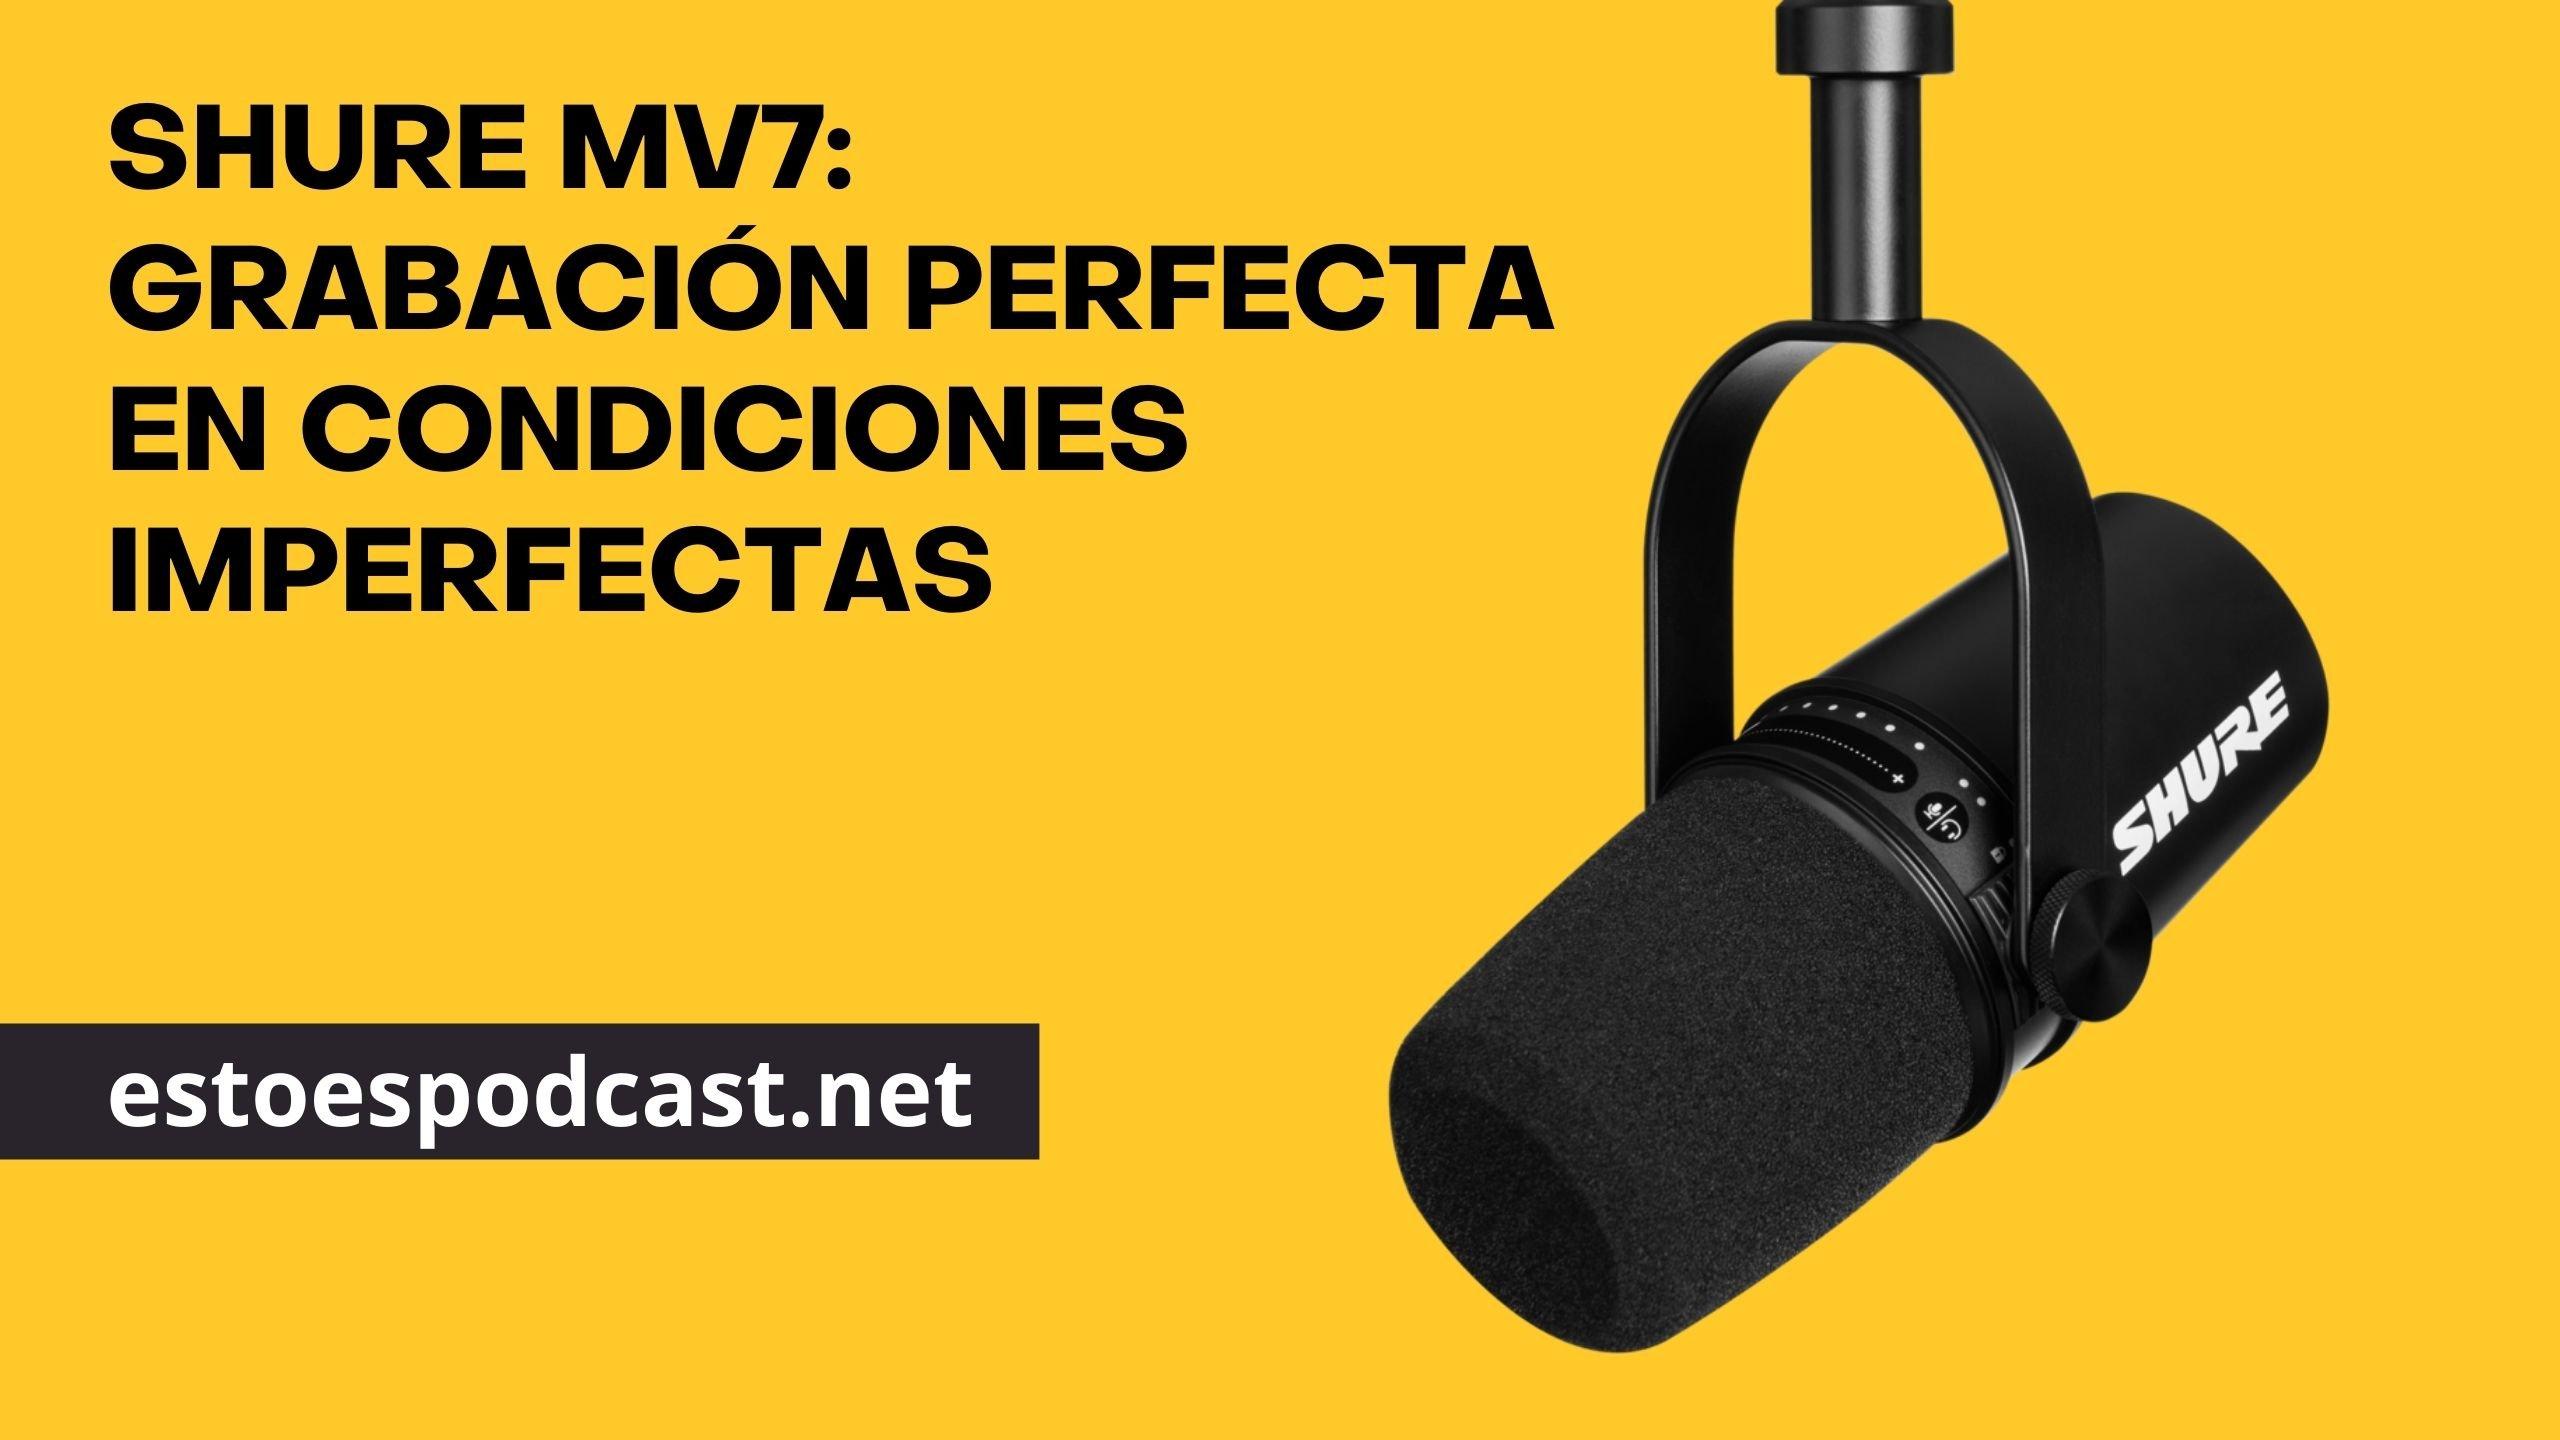 Grabaciones perfectas en habitaciones imperfectas: El Shure MV7